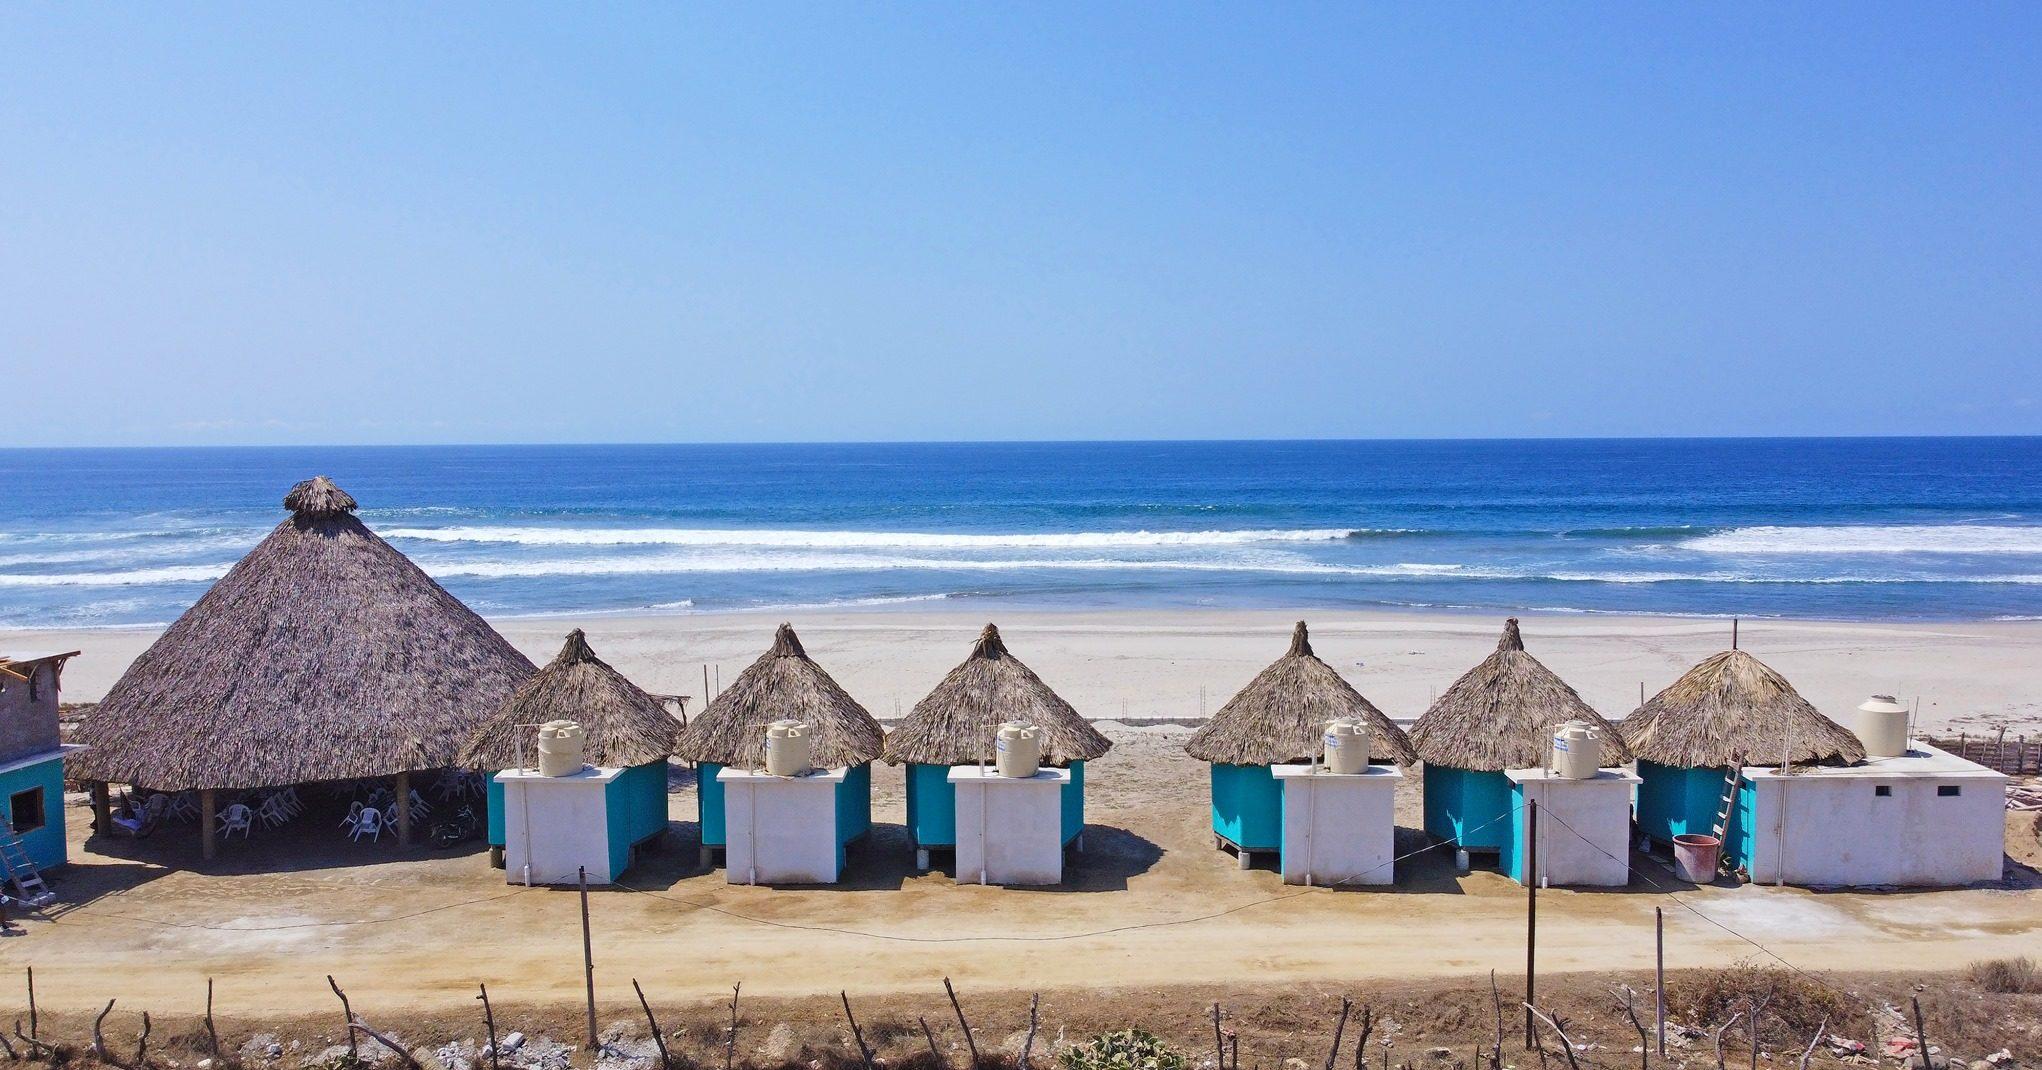 Invertirán 30 mil mdp en autopista, hoteles y campos de golf en el Acapulco Sur